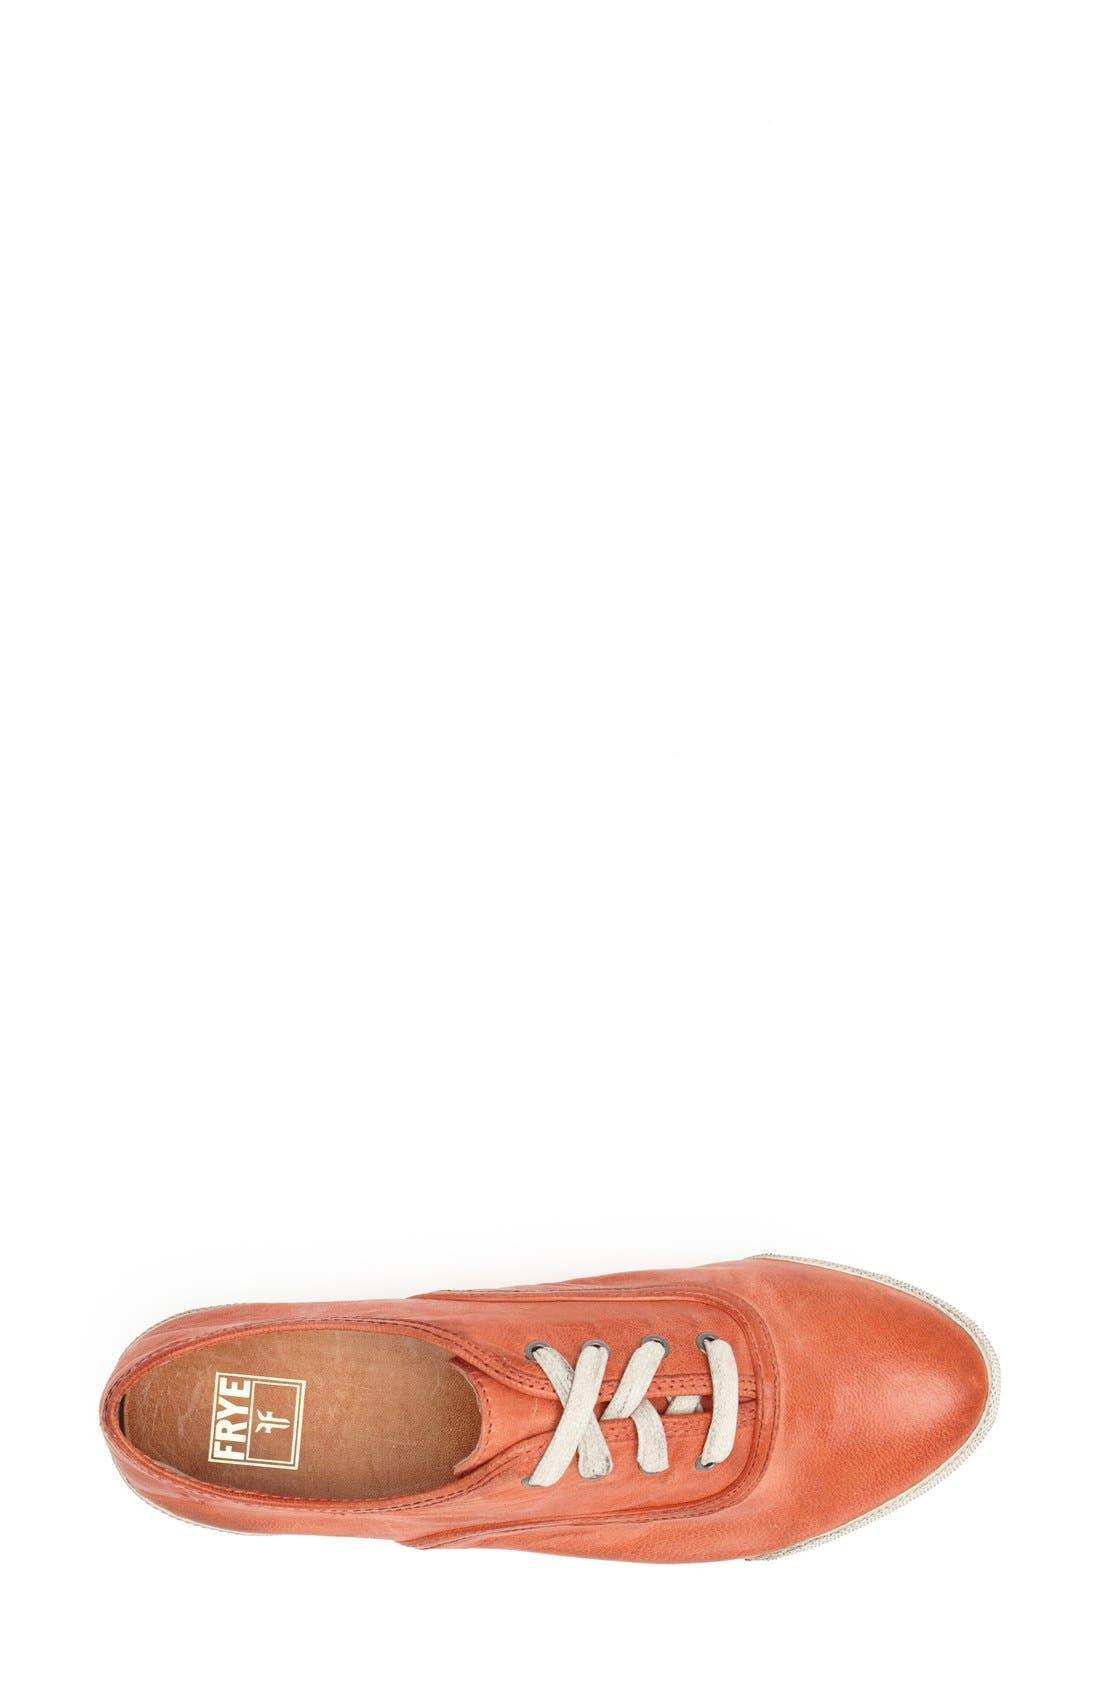 Alternate Image 3  - Frye 'Melanie' Leather Sneaker (Women)